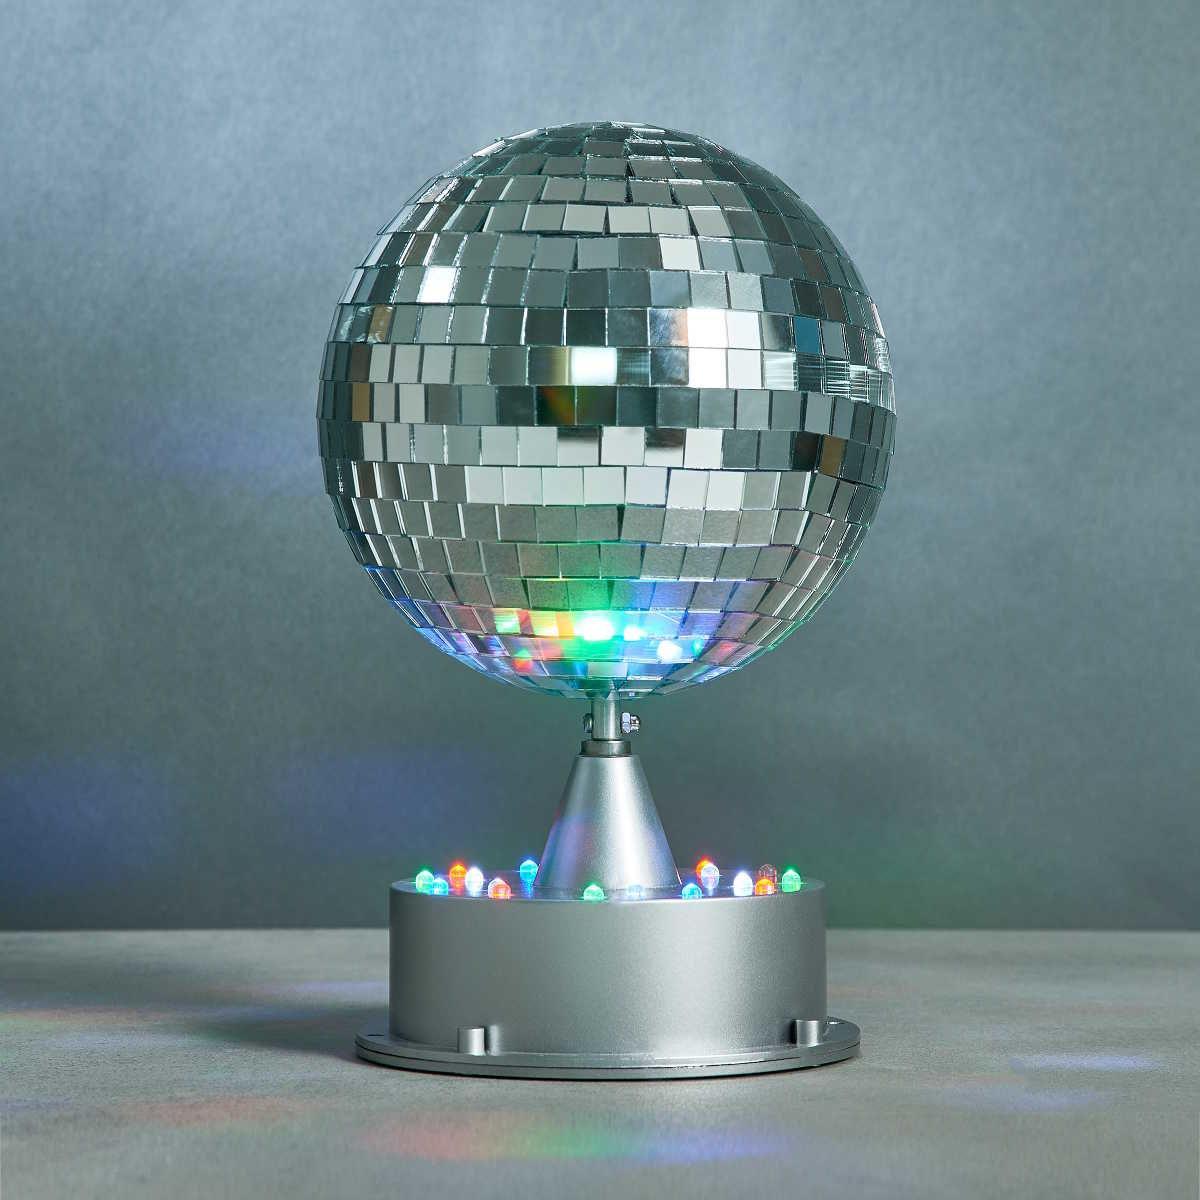 Bild 1 von Discokugel mit Beleuchtung